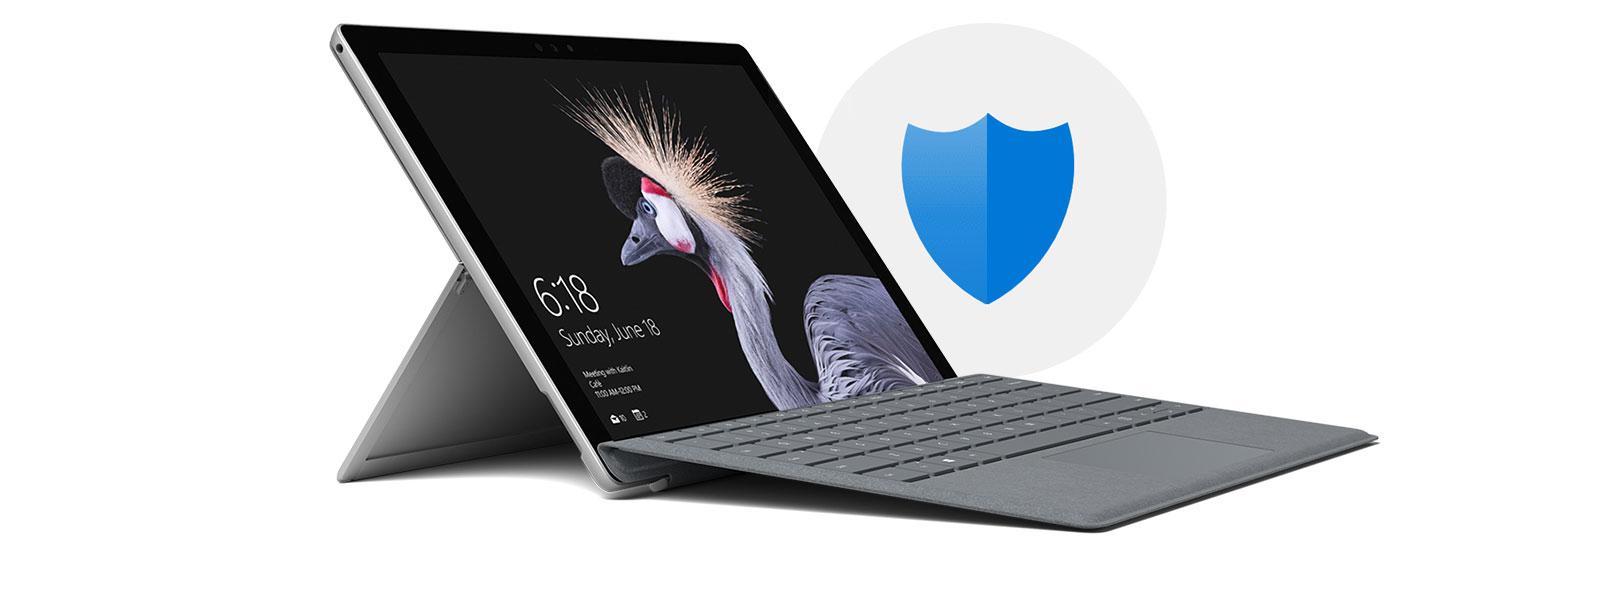 Nach rechts gerichtetes Surface Pro im Laptopmodus mit Startbildschirm und einem Sicherheitssymbol im Hintergrund.